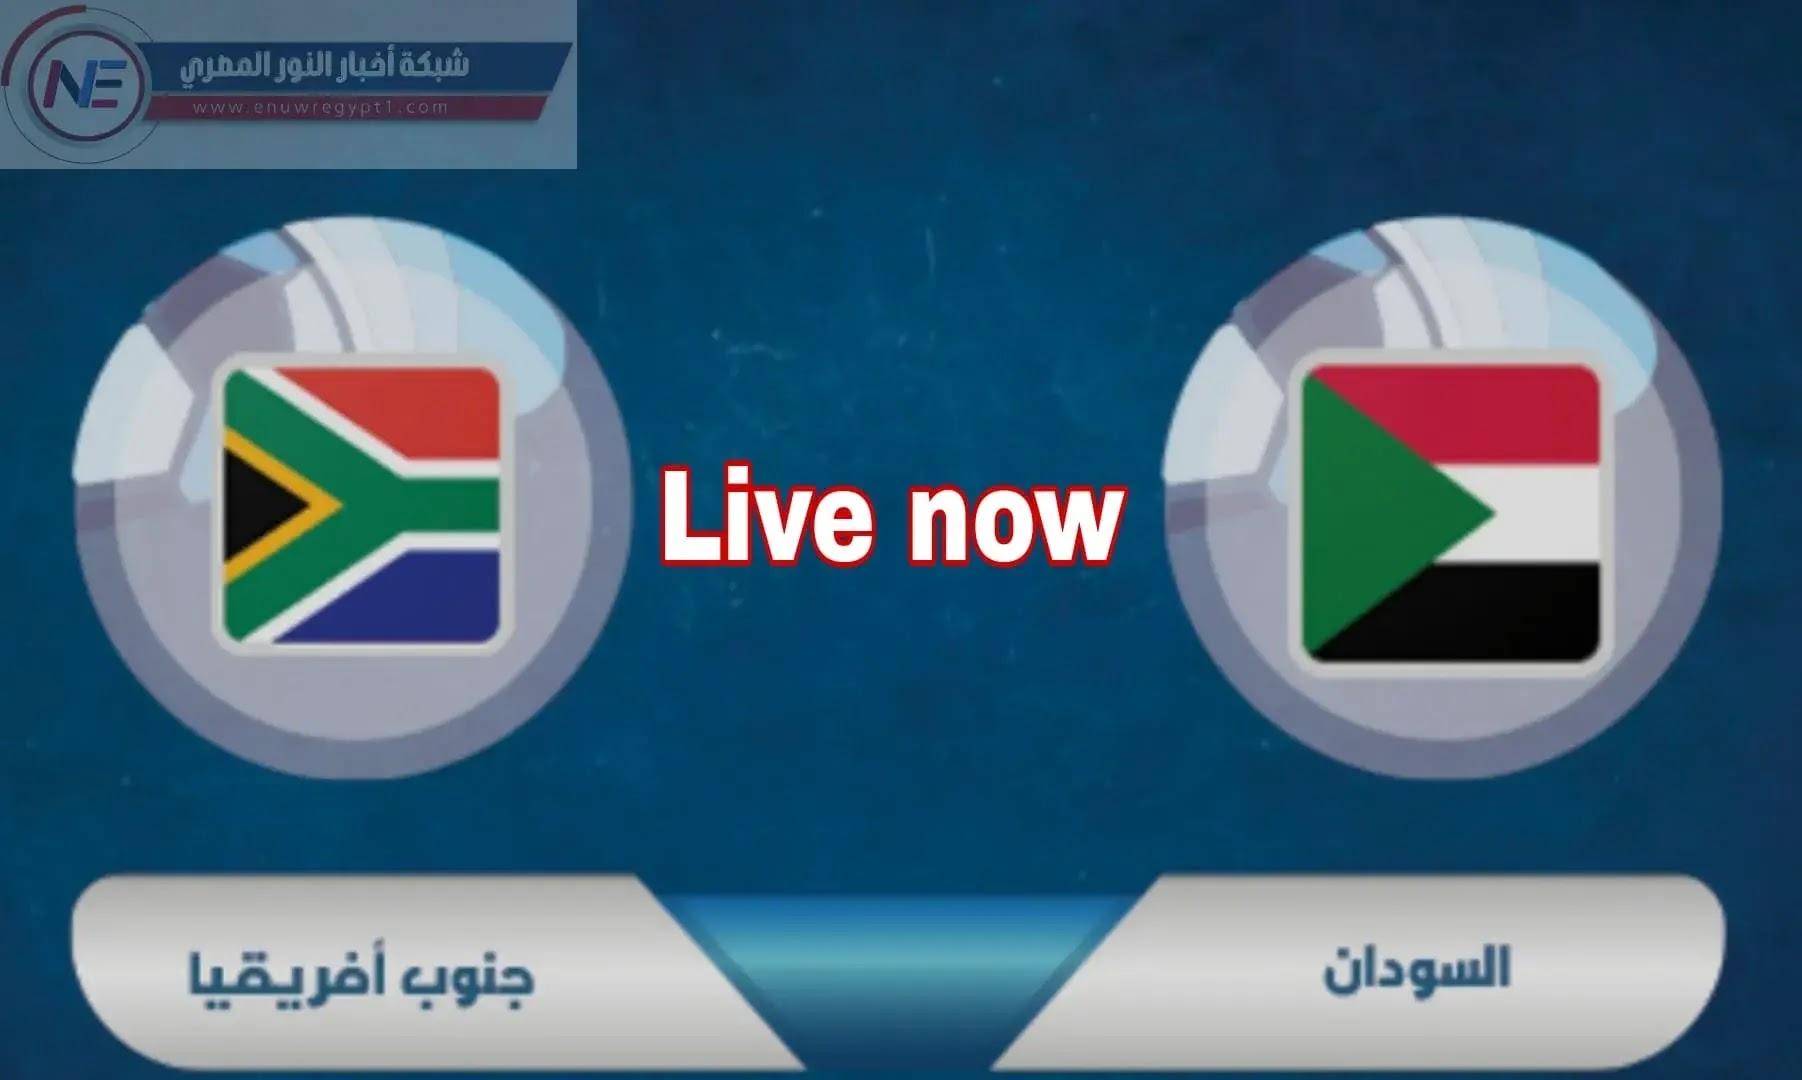 يلا شوت حصري الجديد HD | لايف الان مشاهدة مباراة السودان و جنوب افريقيا بتاريخ اليوم 28-03-2021 بث مباشر في تصفيات كأس امم افريقيا بجودة عالية بدون تقطيع تعليق عربي